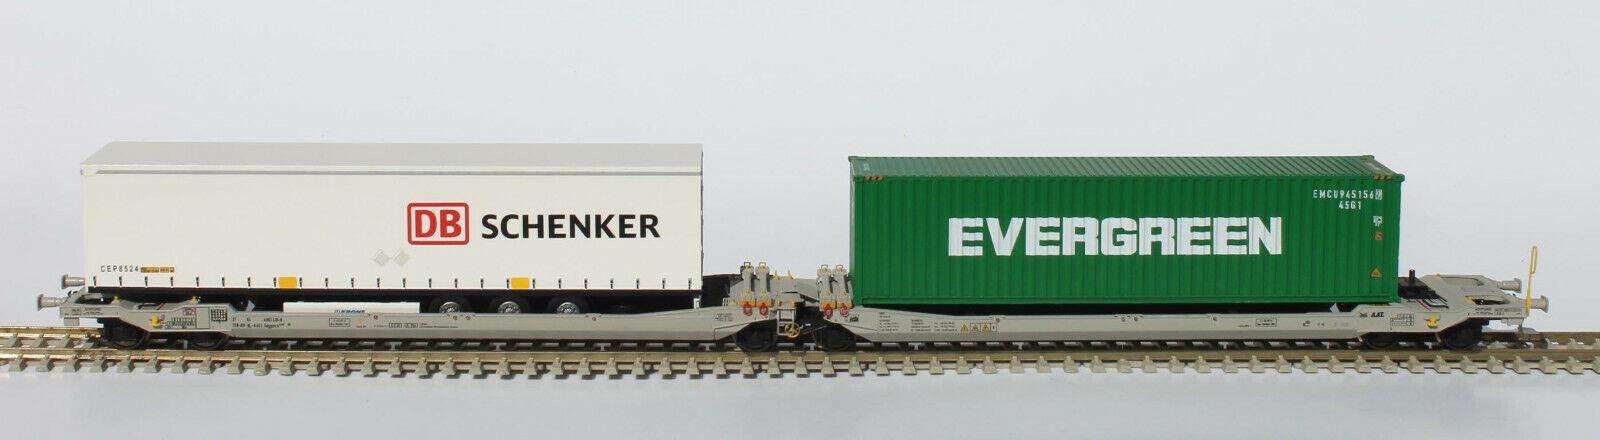 Rocky Rail 90361 doppio autorello portante Trailers DB Schenker  container Eververde Nuovo